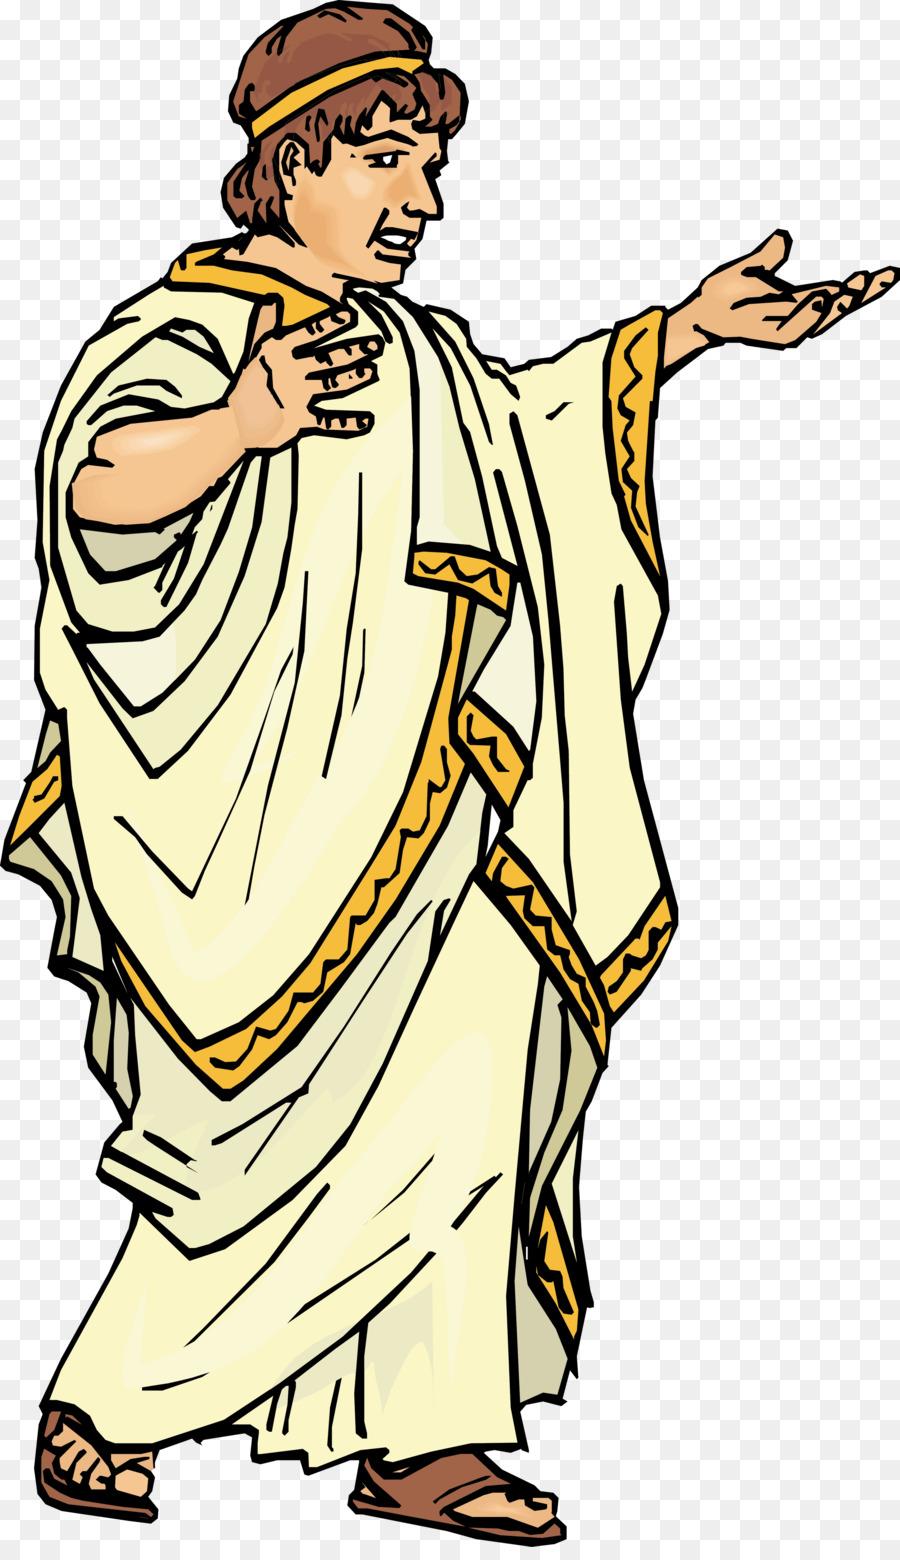 картинка древний грек тему для ценителей